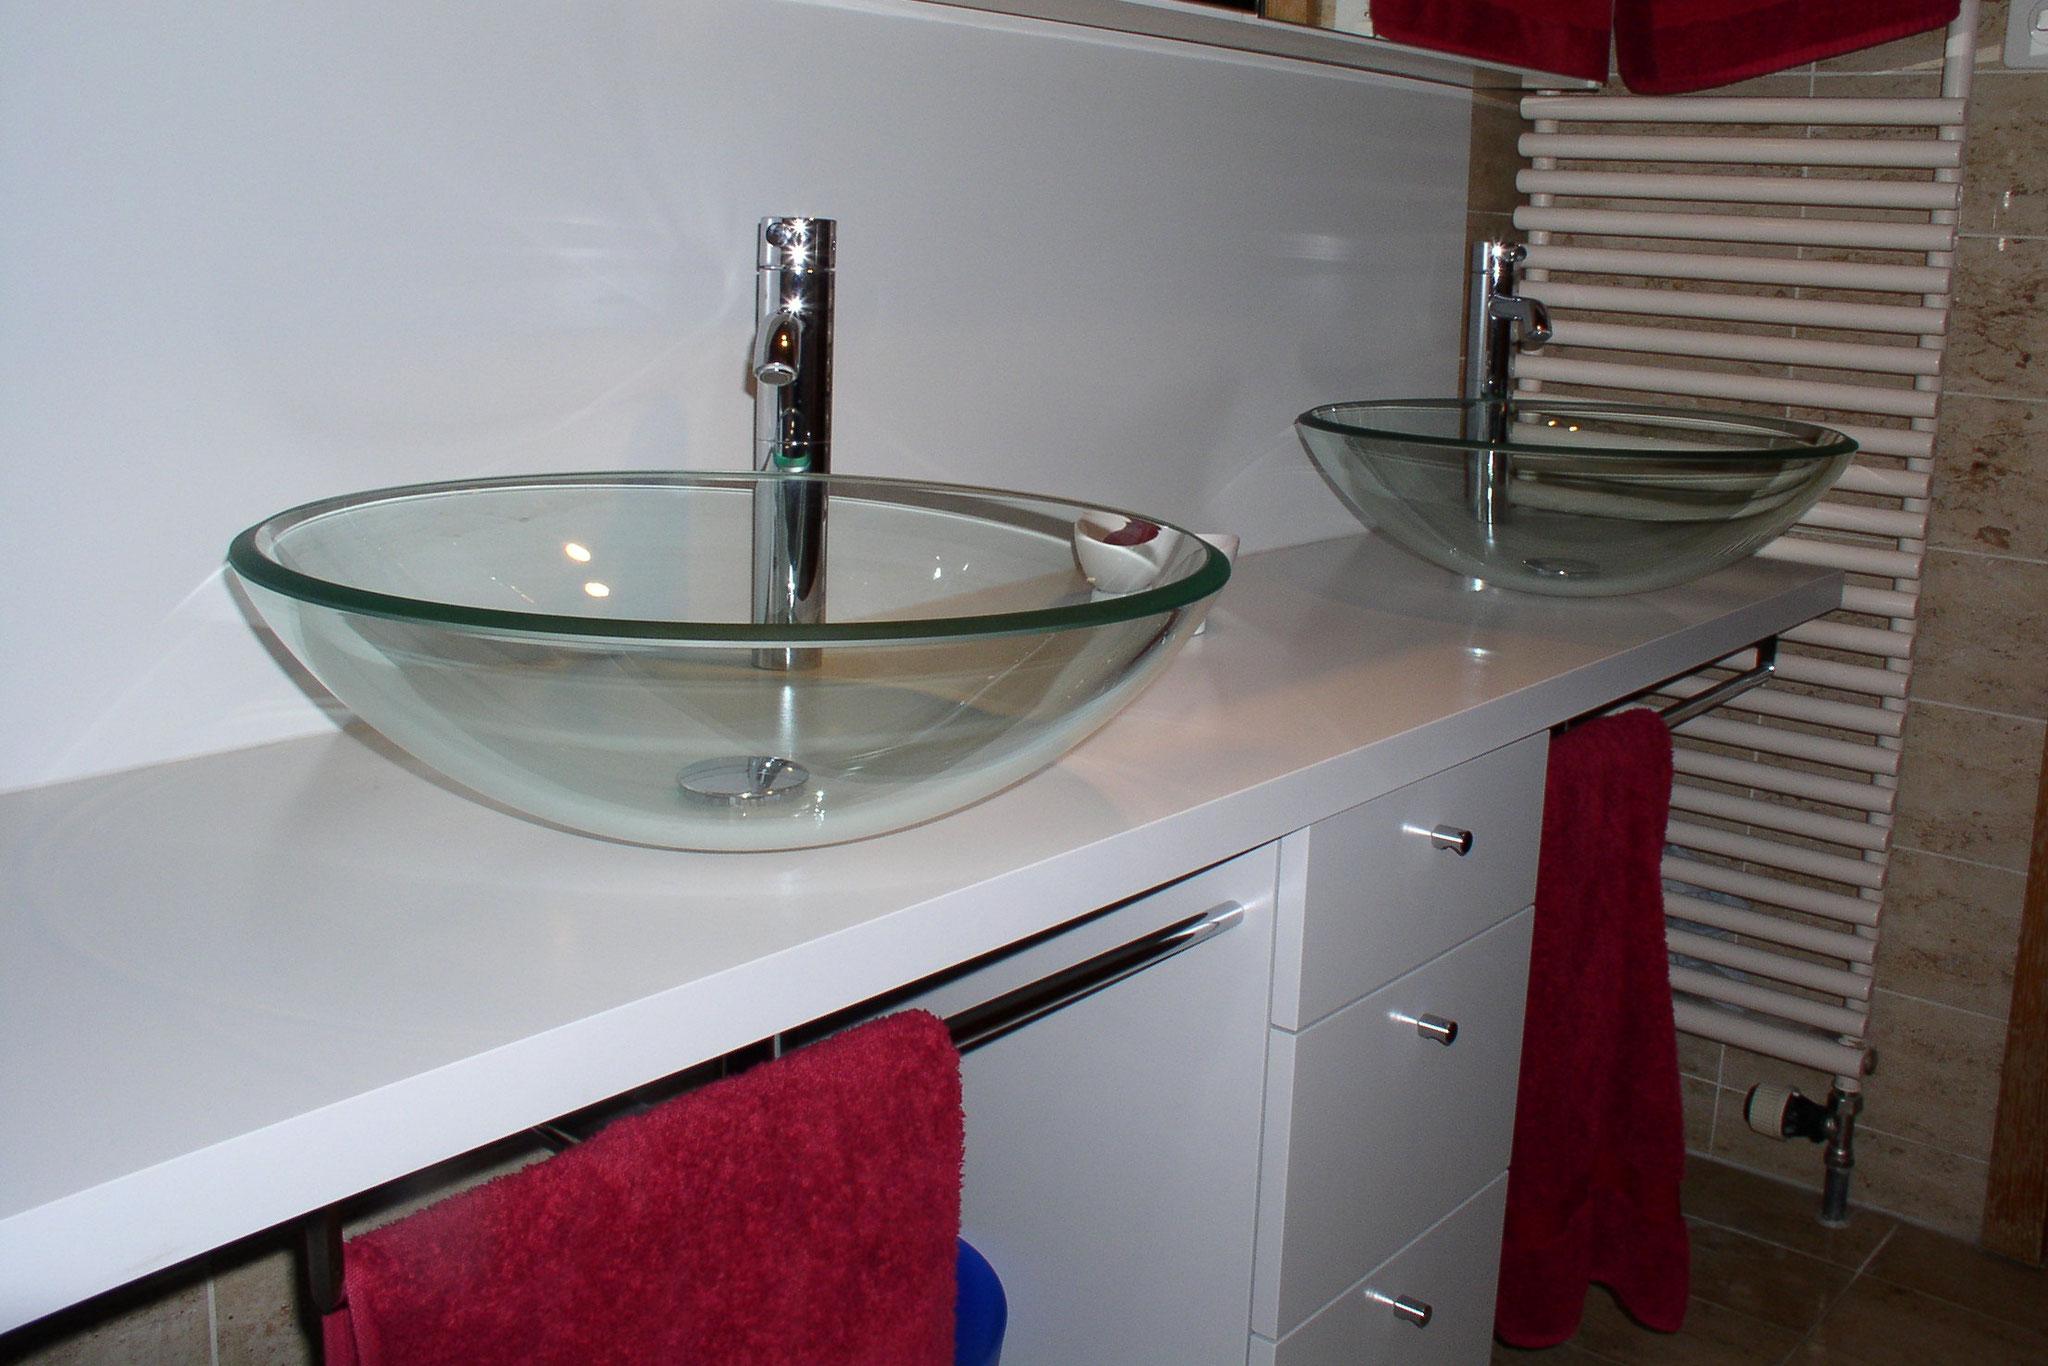 Badzimmermöbel aus MDF Grundierfolie weiss lackiert